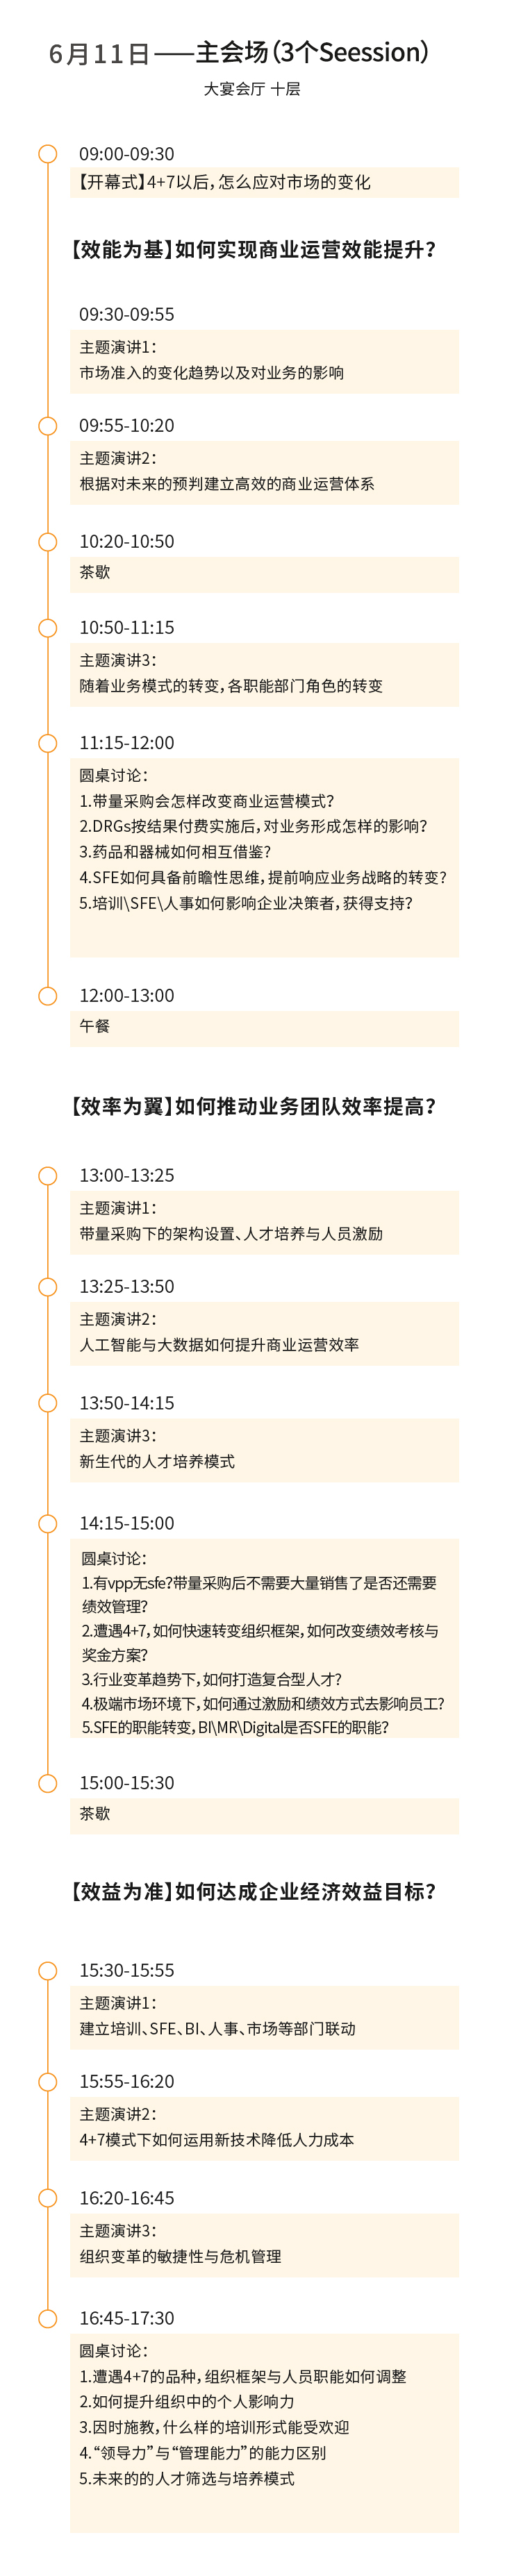 思齐2020 3E商业运营年会(第五届)上海